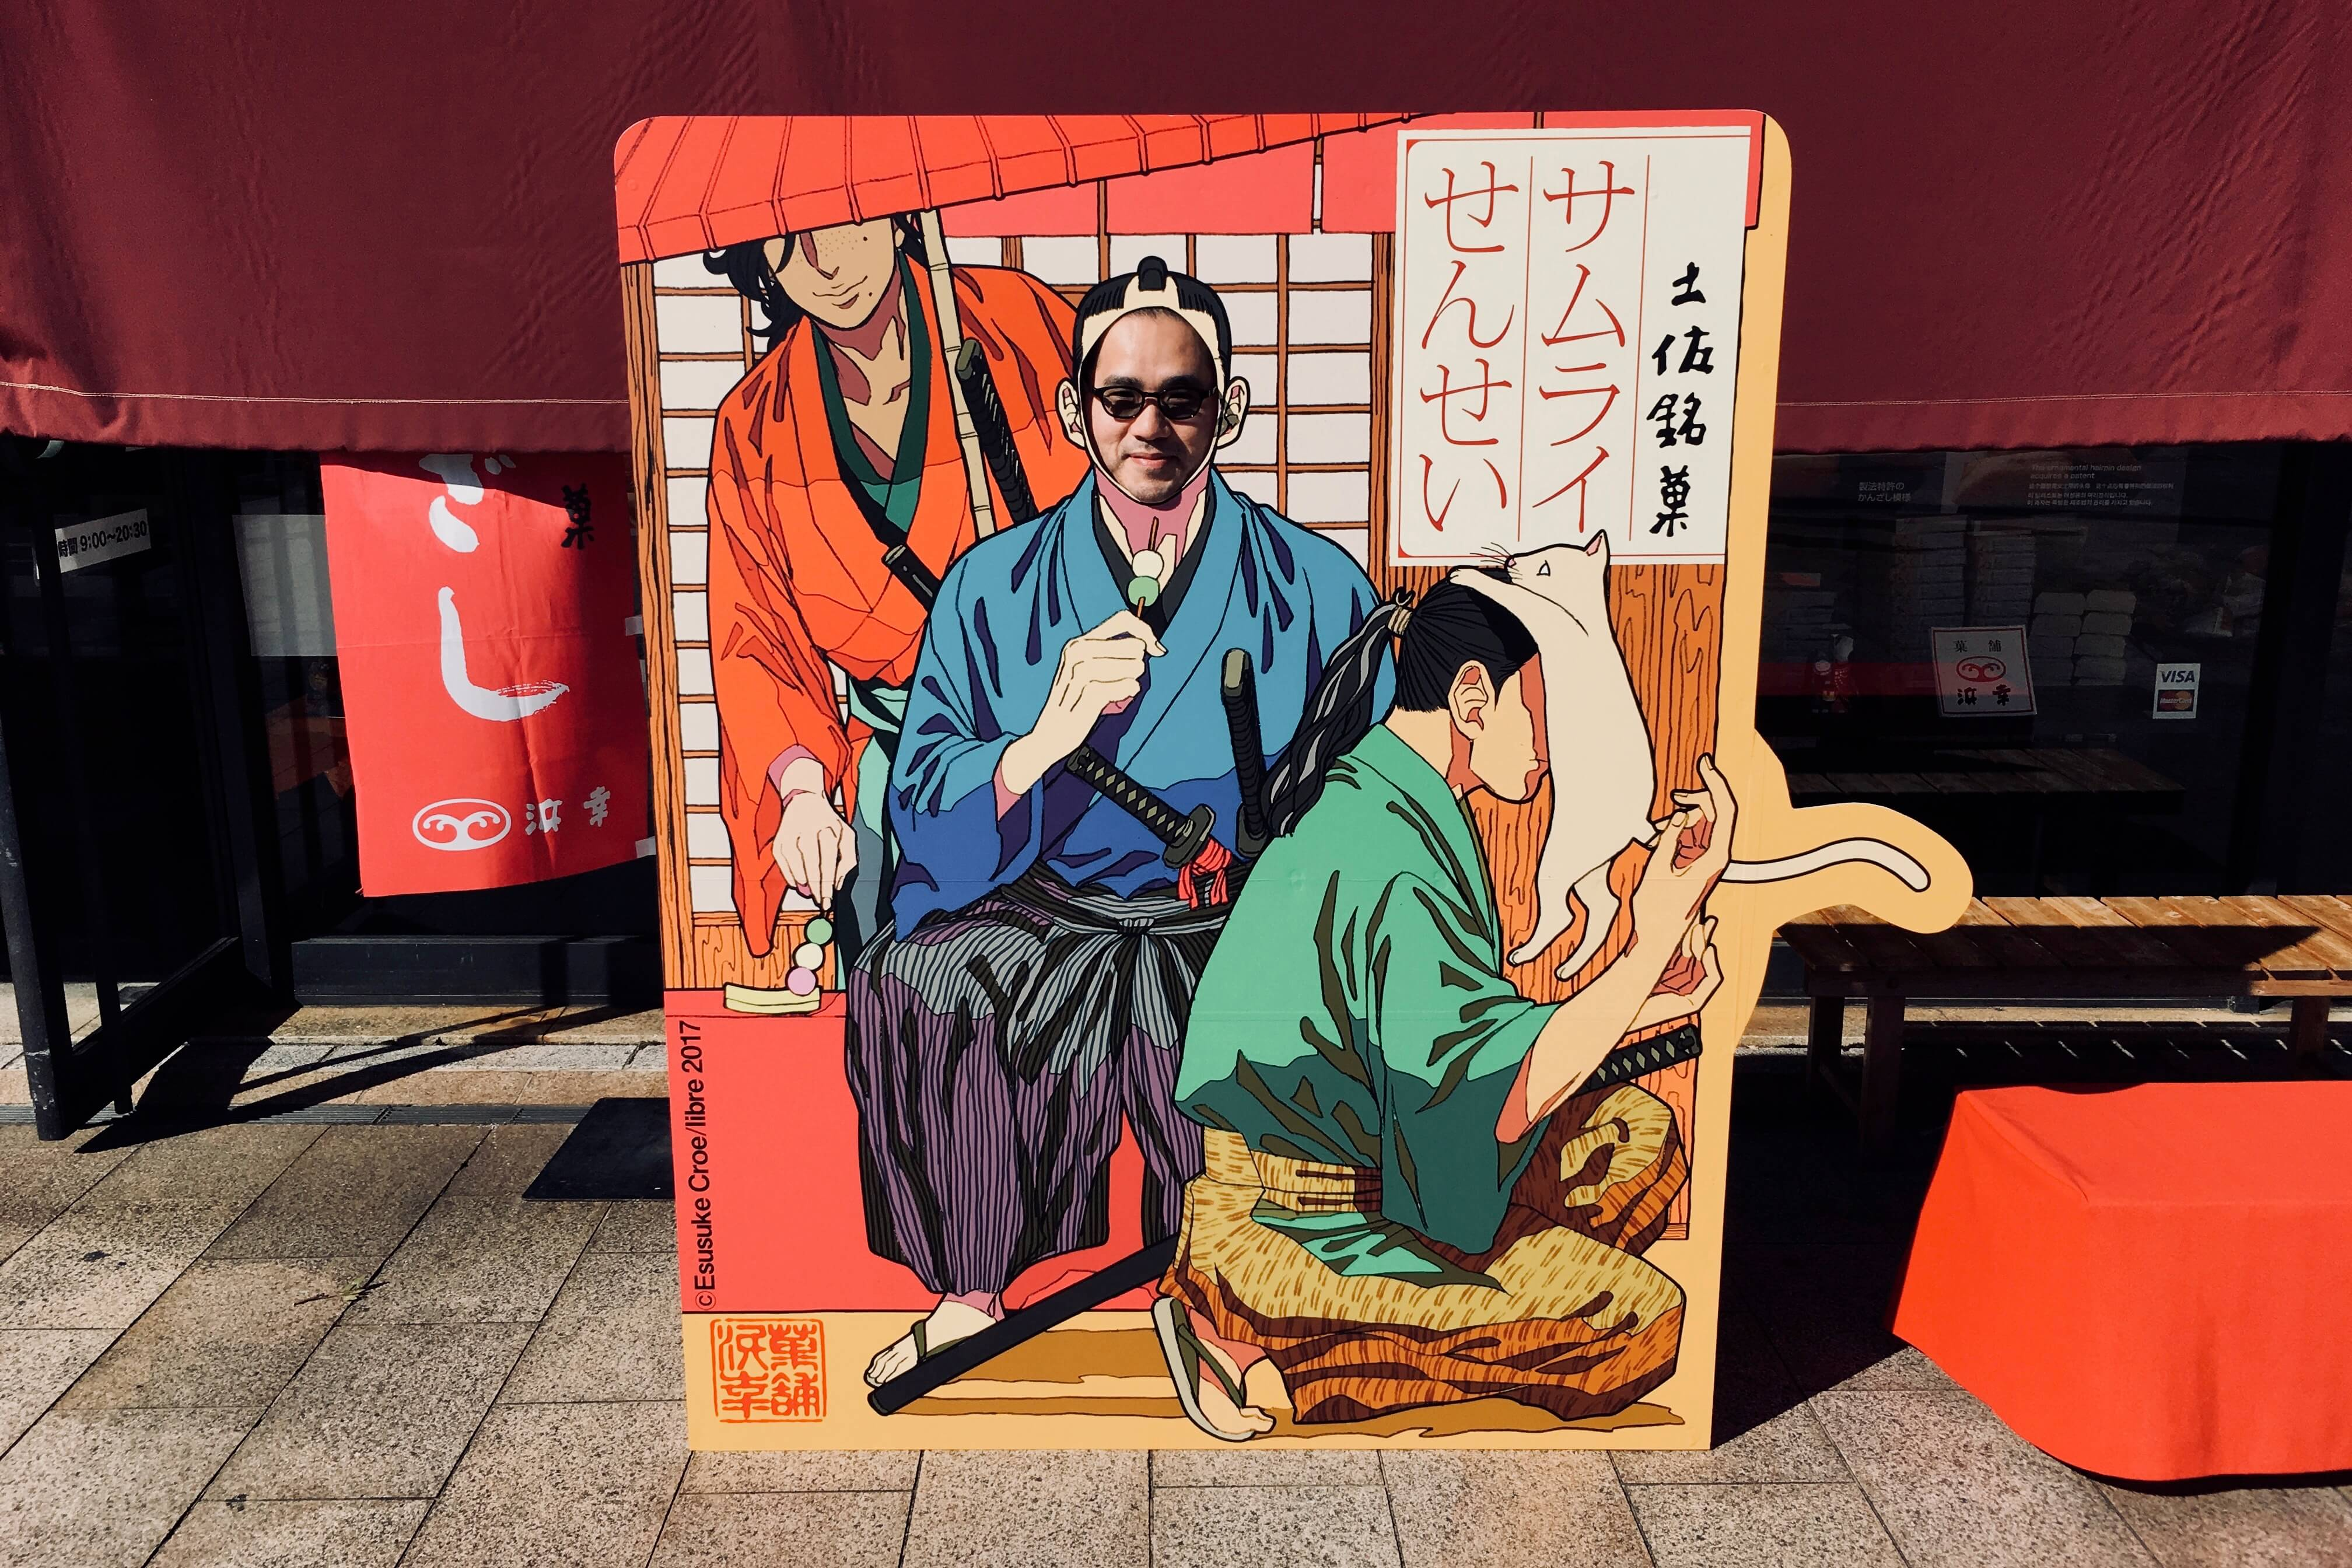 【インタビュー】映画『サムライせんせい』の監督:渡辺一志が語る高知愛「あとは僕が高知県へ移住したら完璧」